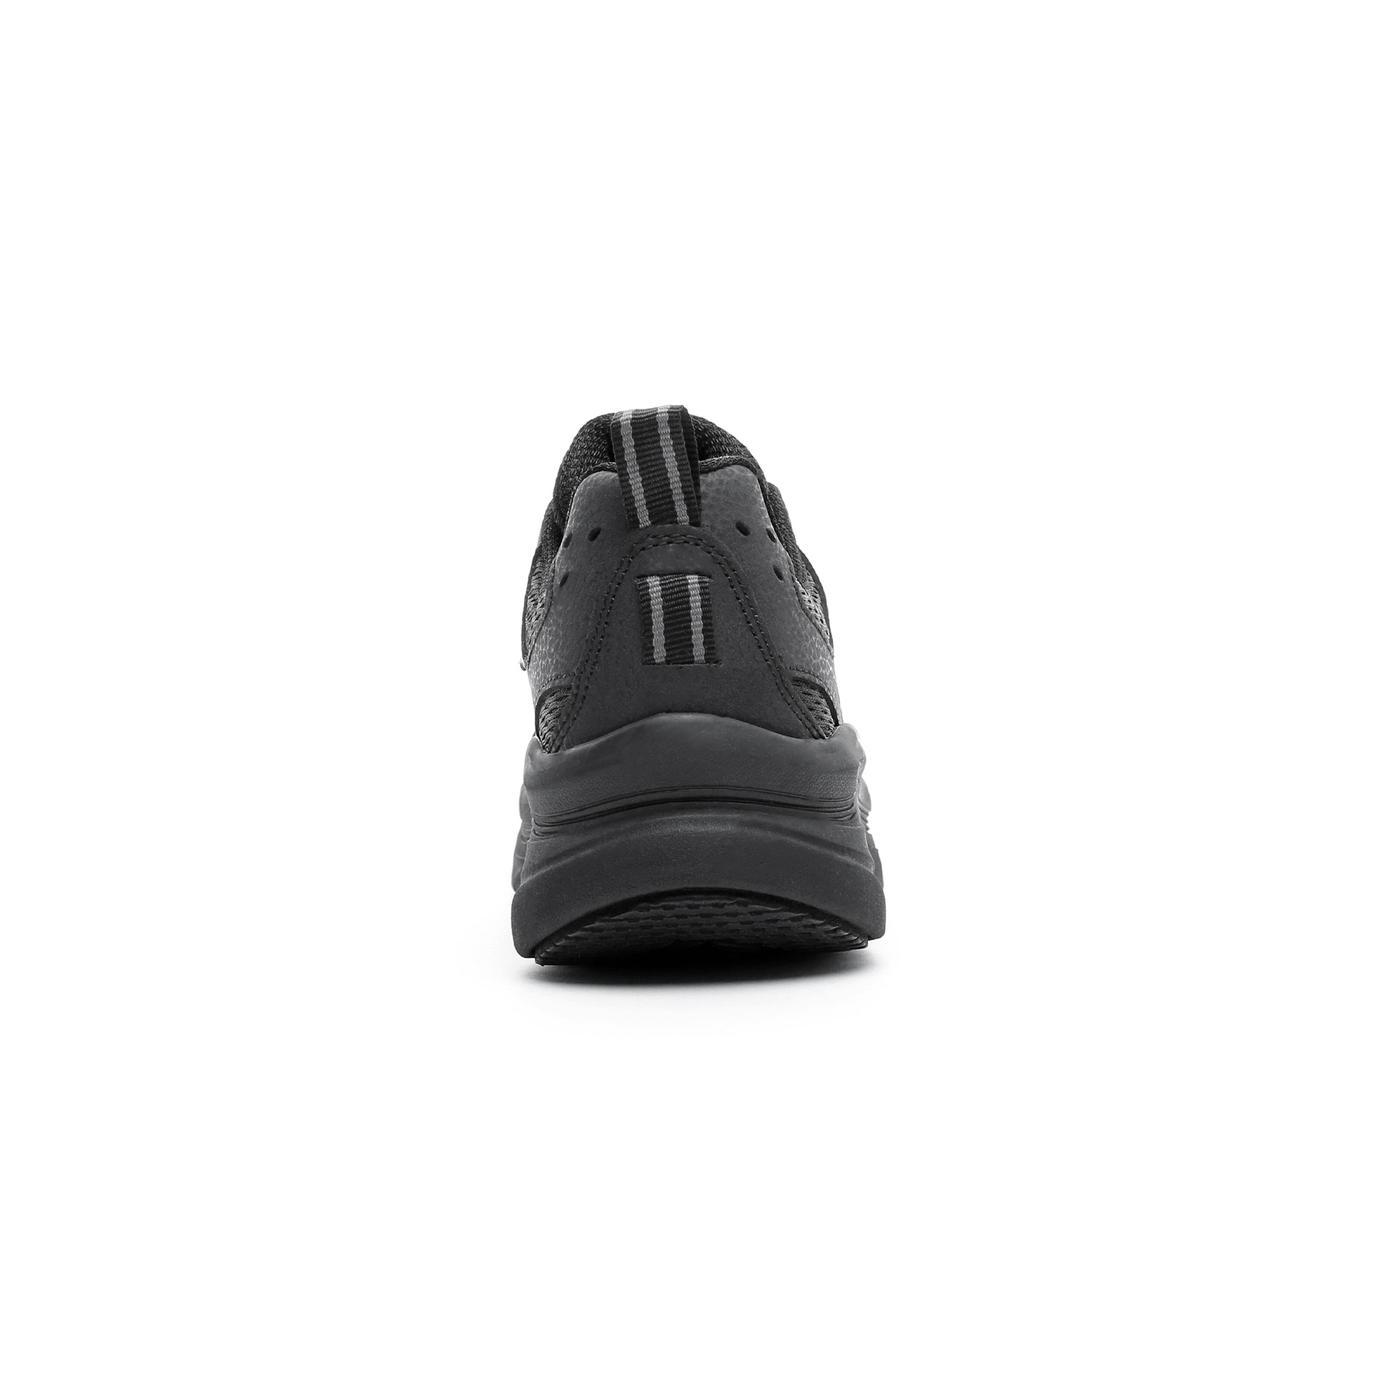 Skechers D'Lux Walker - Infinite Motion Kadın Siyah Spor Ayakkabı